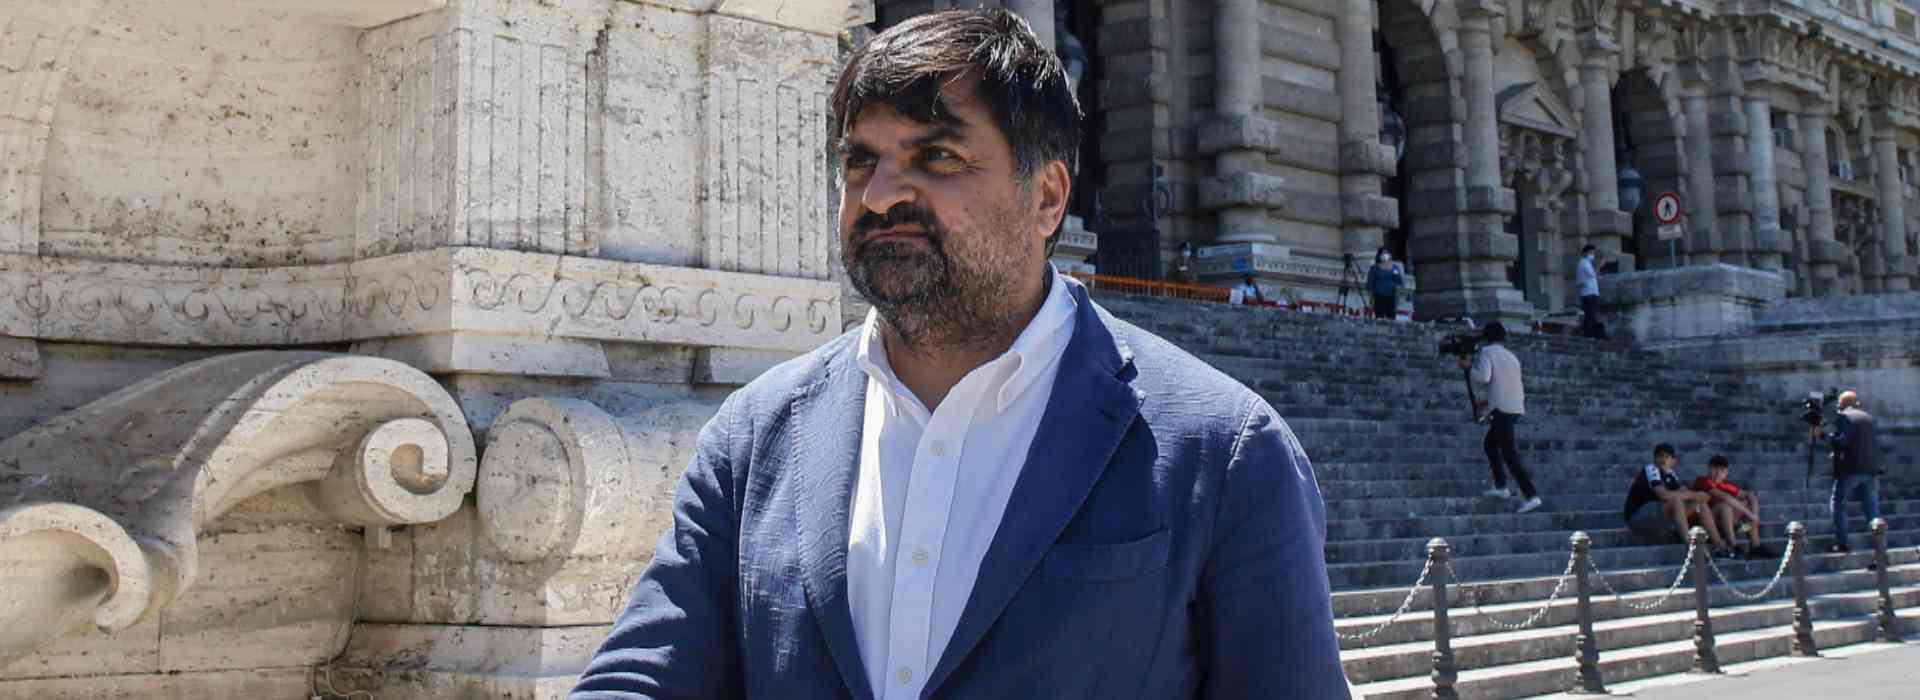 Togopoli: processo disciplinare per dieci giudici che decidevano carriere all'hotel Champagne di Roma